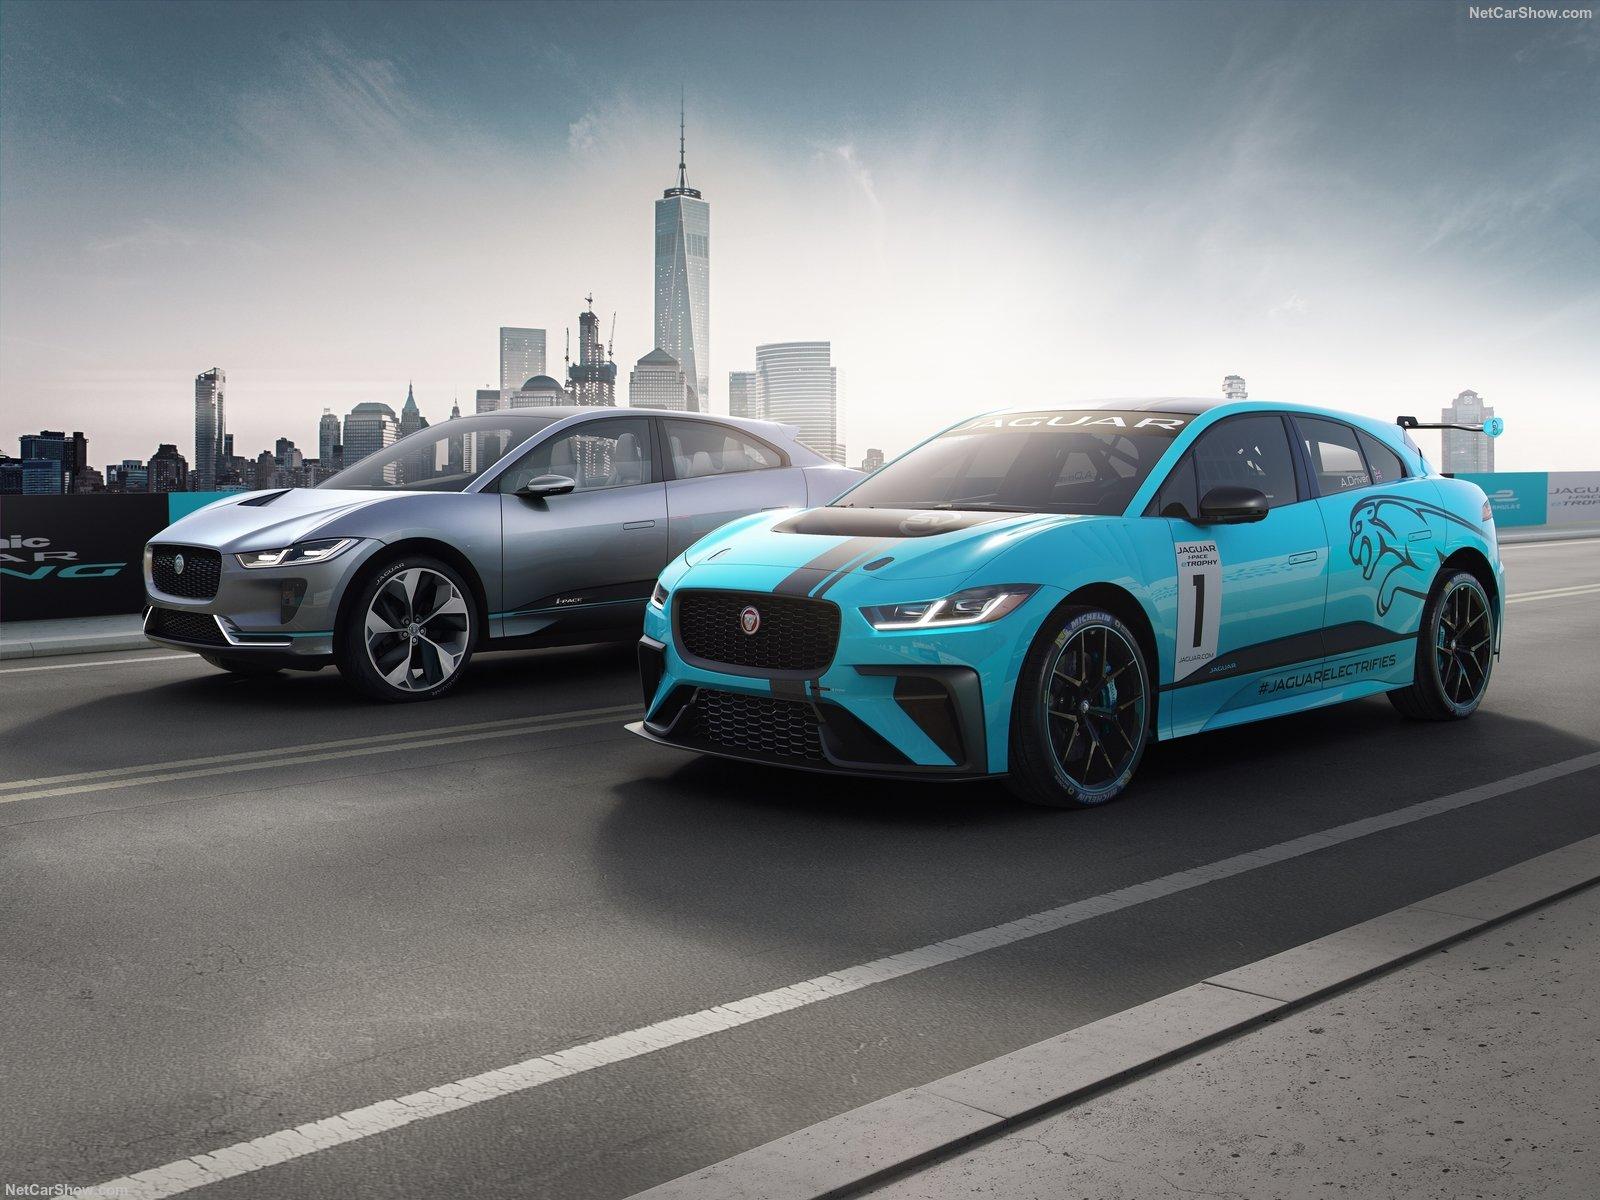 De Nieuwe Jaguar I Pace Is In Slechts Drie Kwartier Op Te Laden